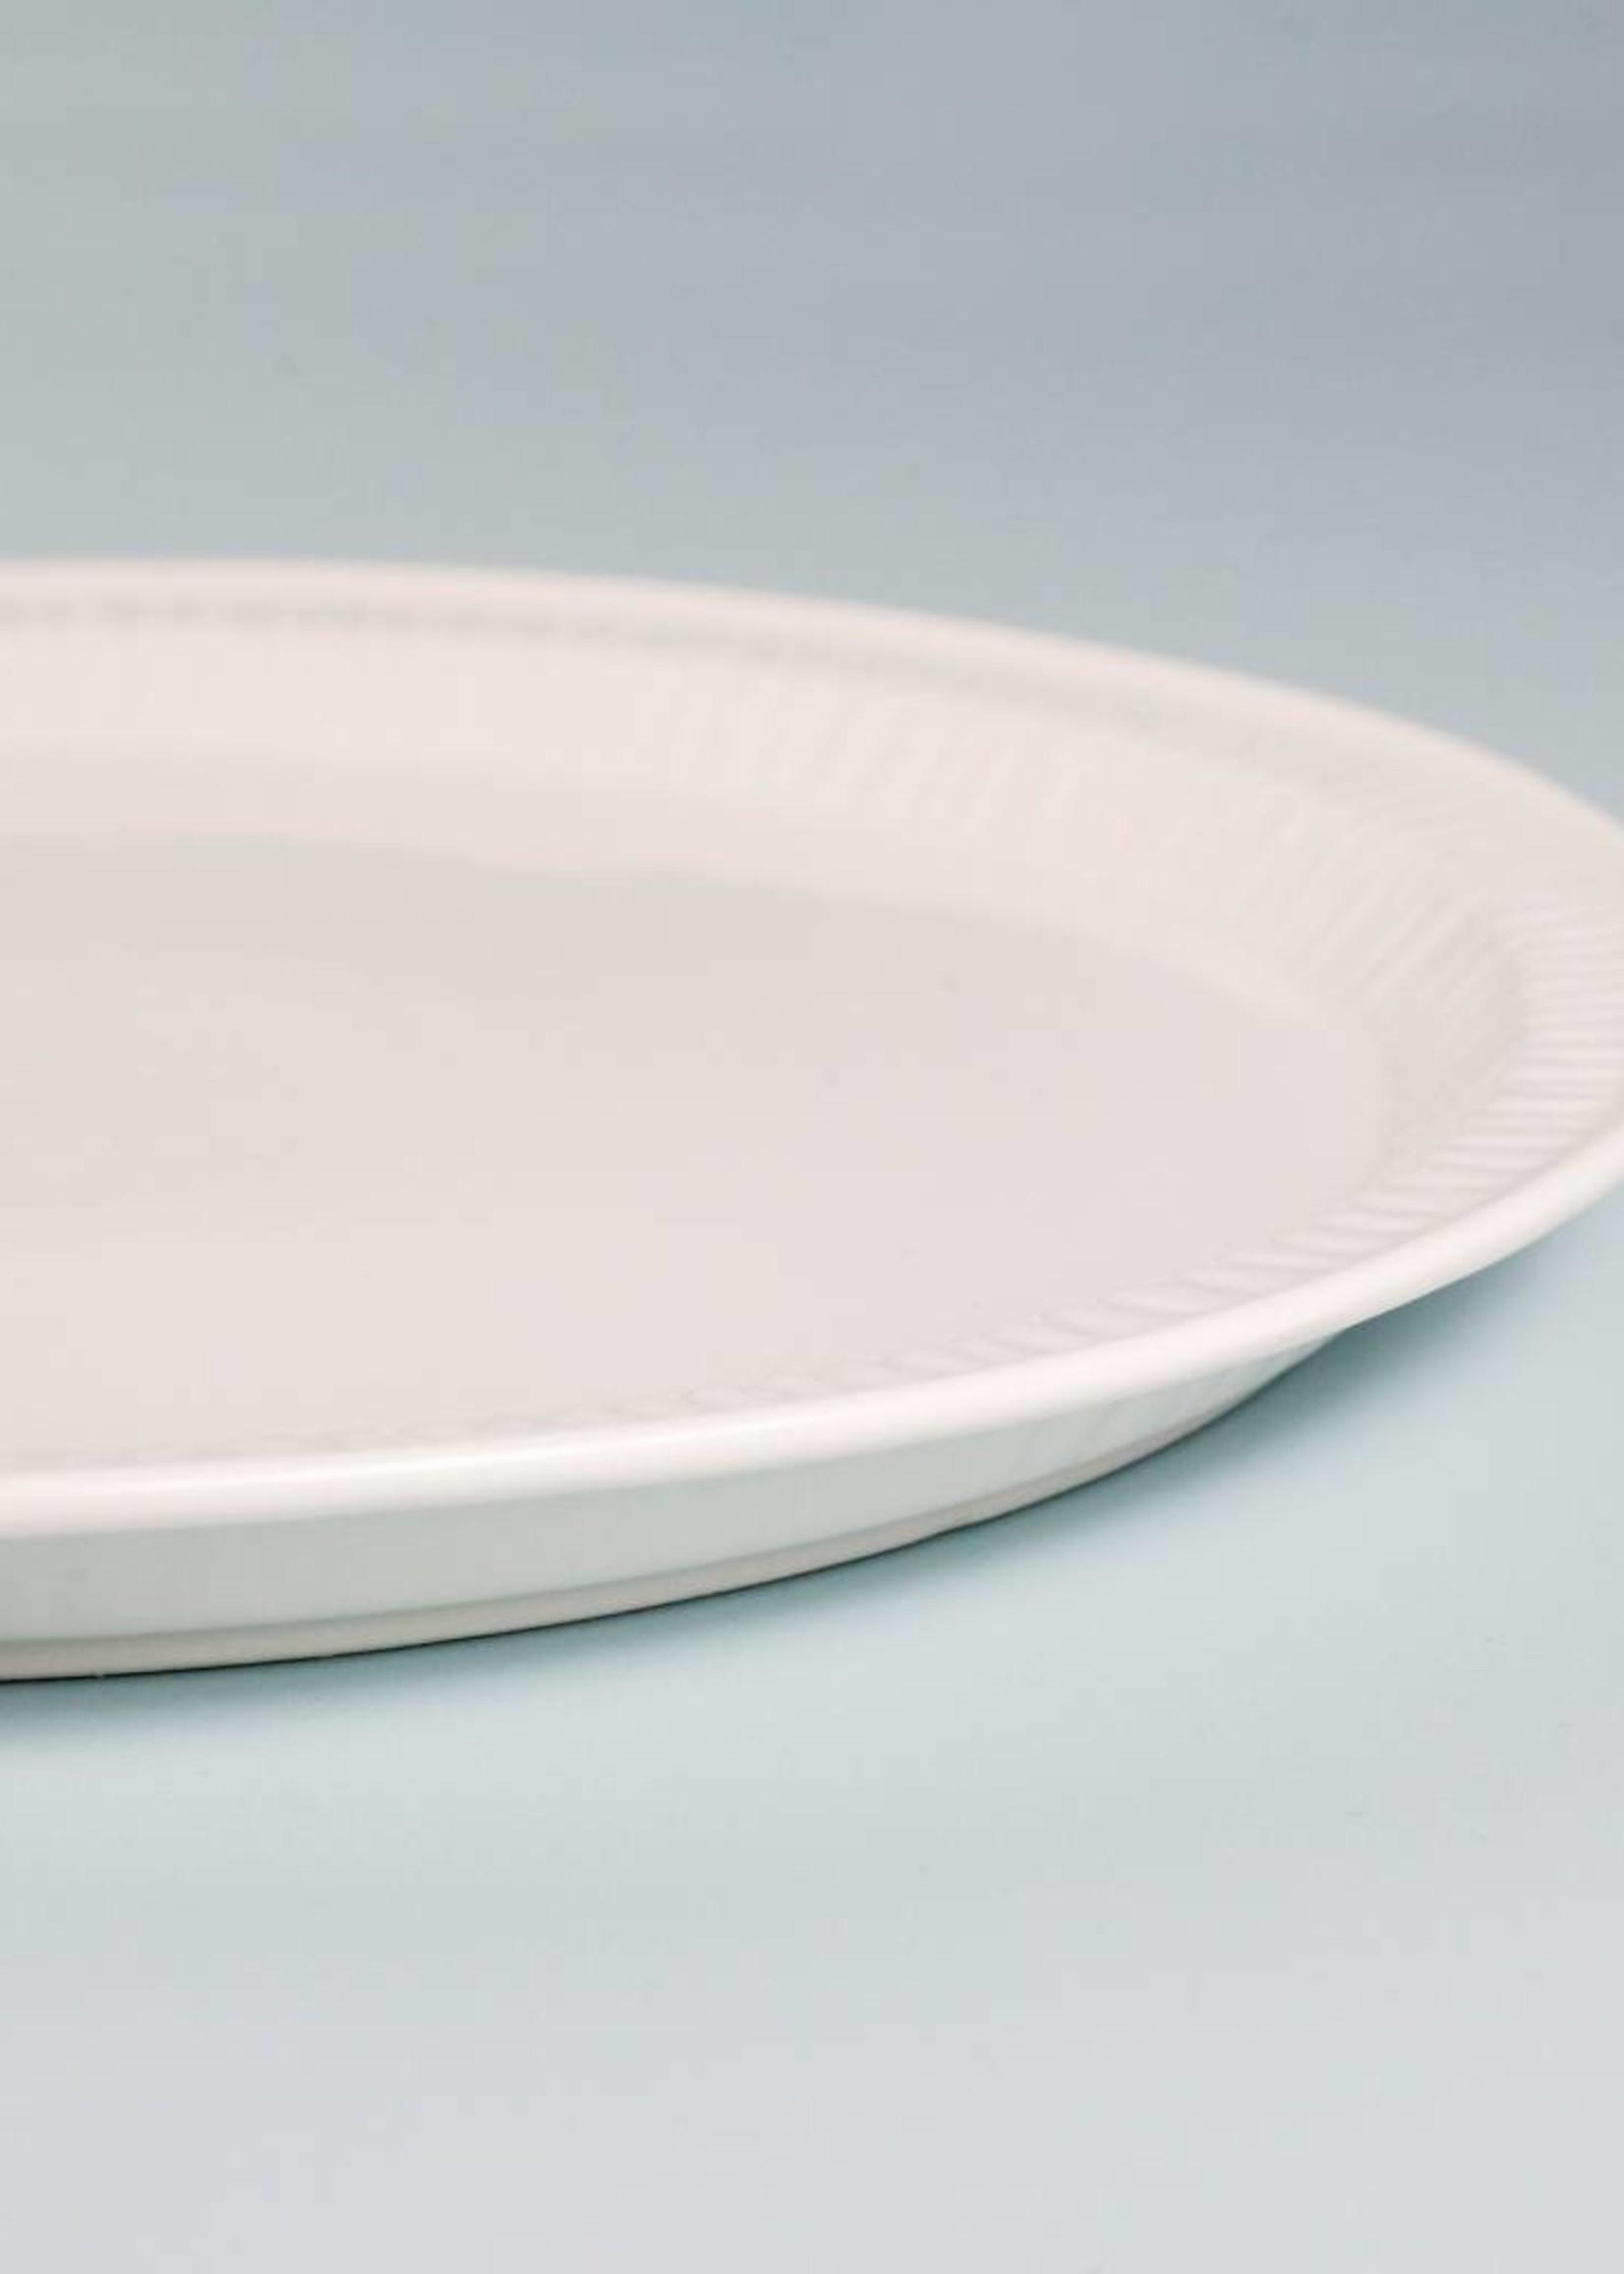 Seletti Estetico Quotidiano Dinner Plate